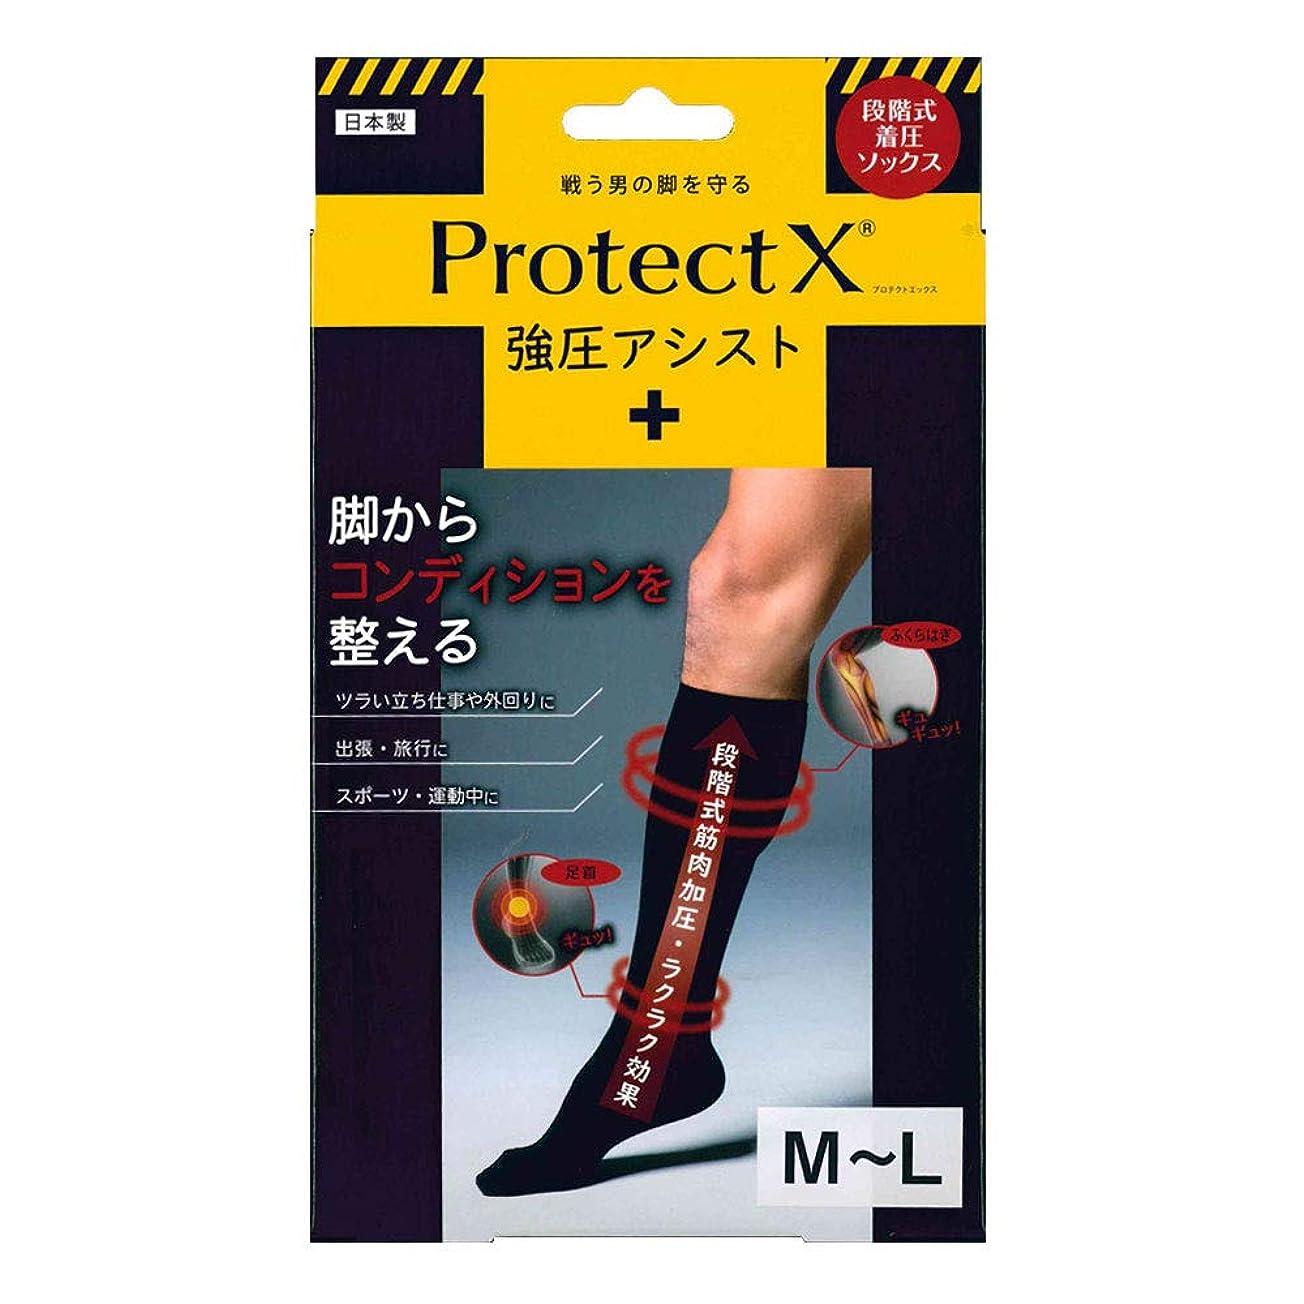 ナチュラル話をする通行人Protect X(プロテクトエックス) 強圧アシスト つま先あり着圧ソックス 膝下 M-Lサイズ ブラック